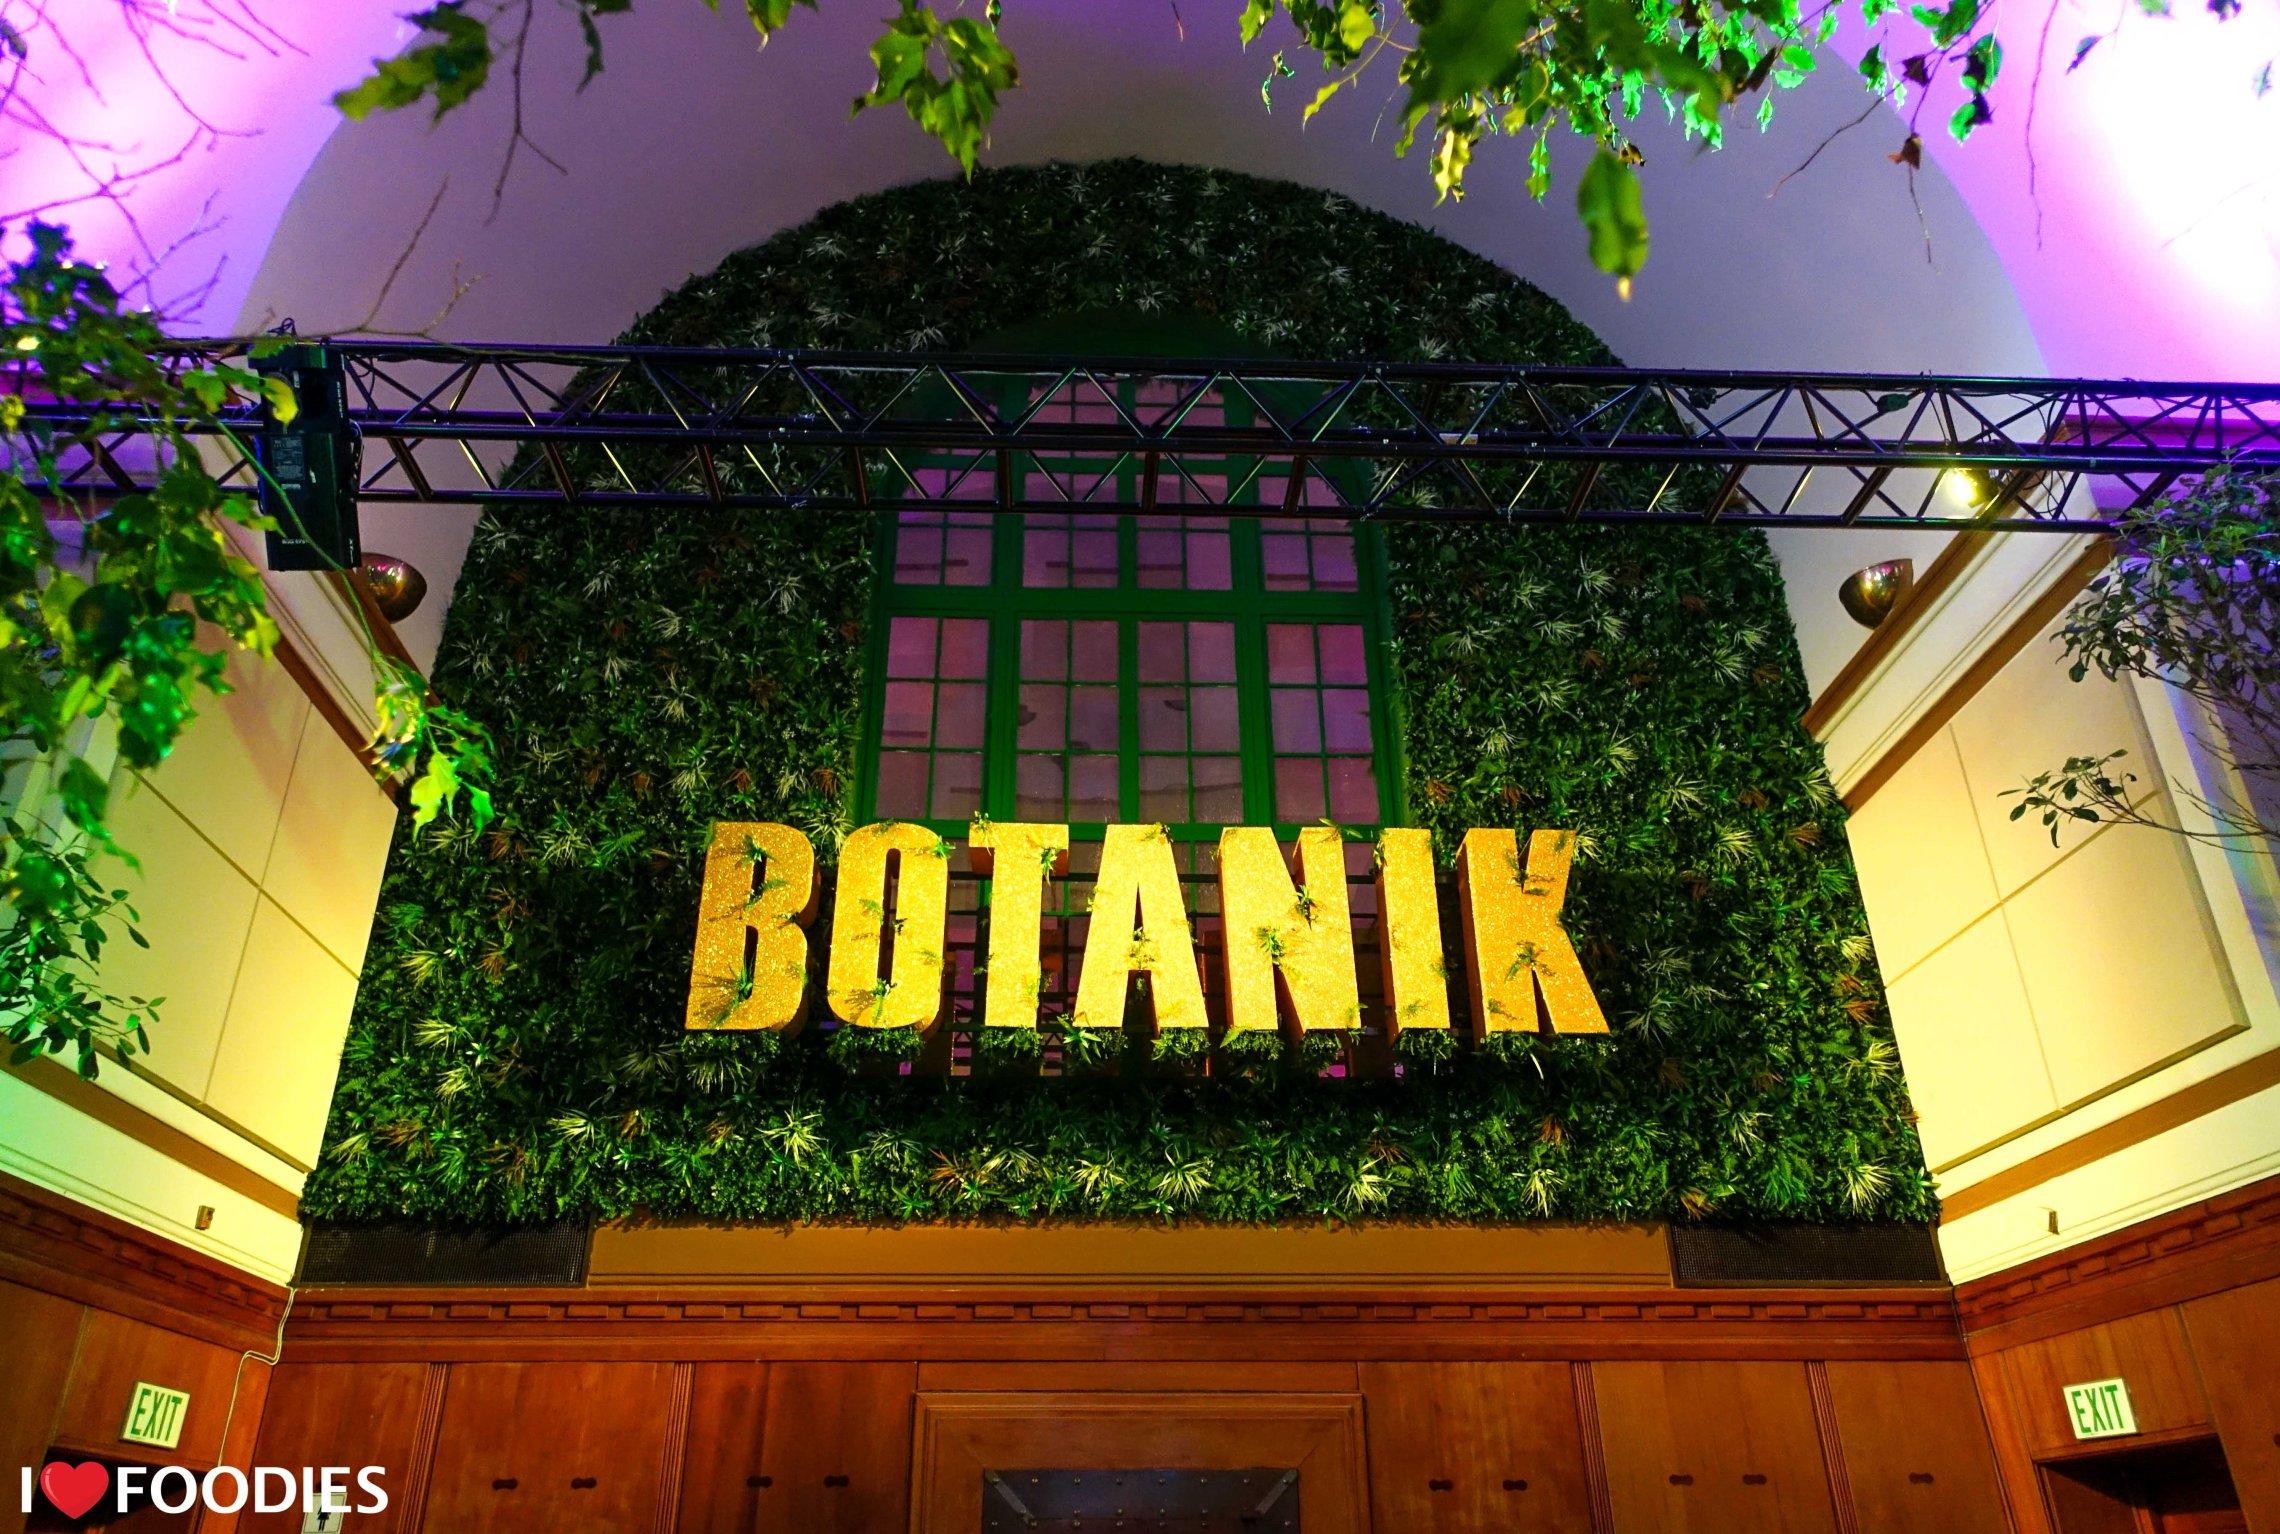 Botanik-Social-Cafe-Kweyol.jpg